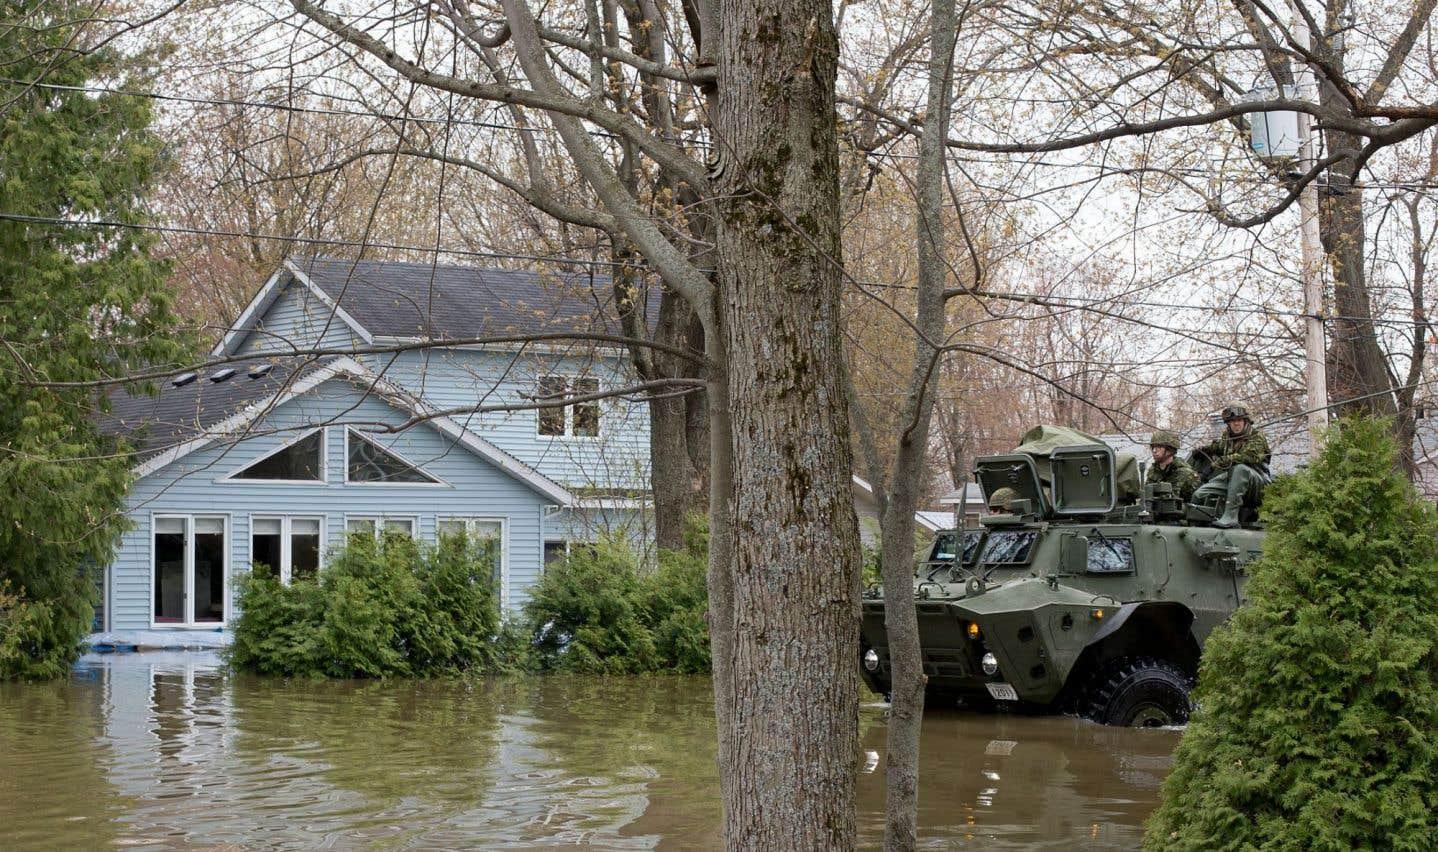 Des sinistrés des inondations printanières déversent leur colère